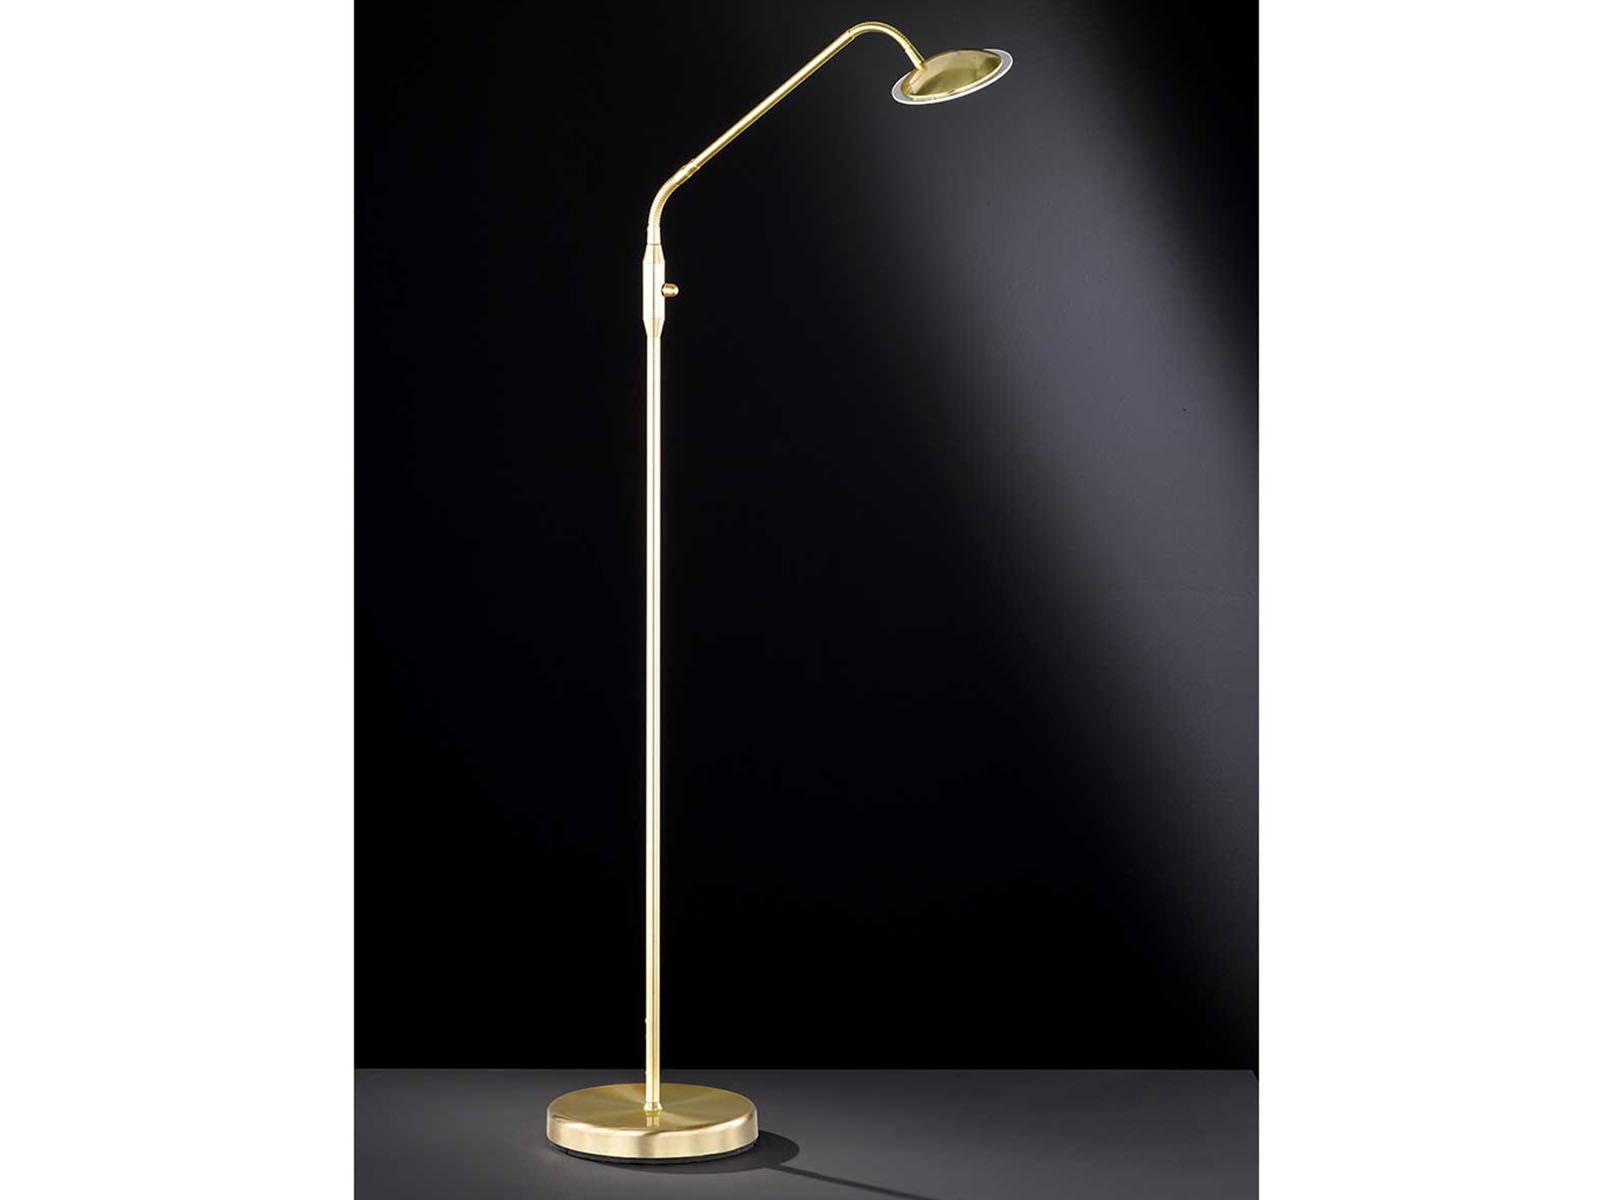 Stehlampe Wofi Leuchten Led Leselampe Mit Dimmer Farbtemperatur